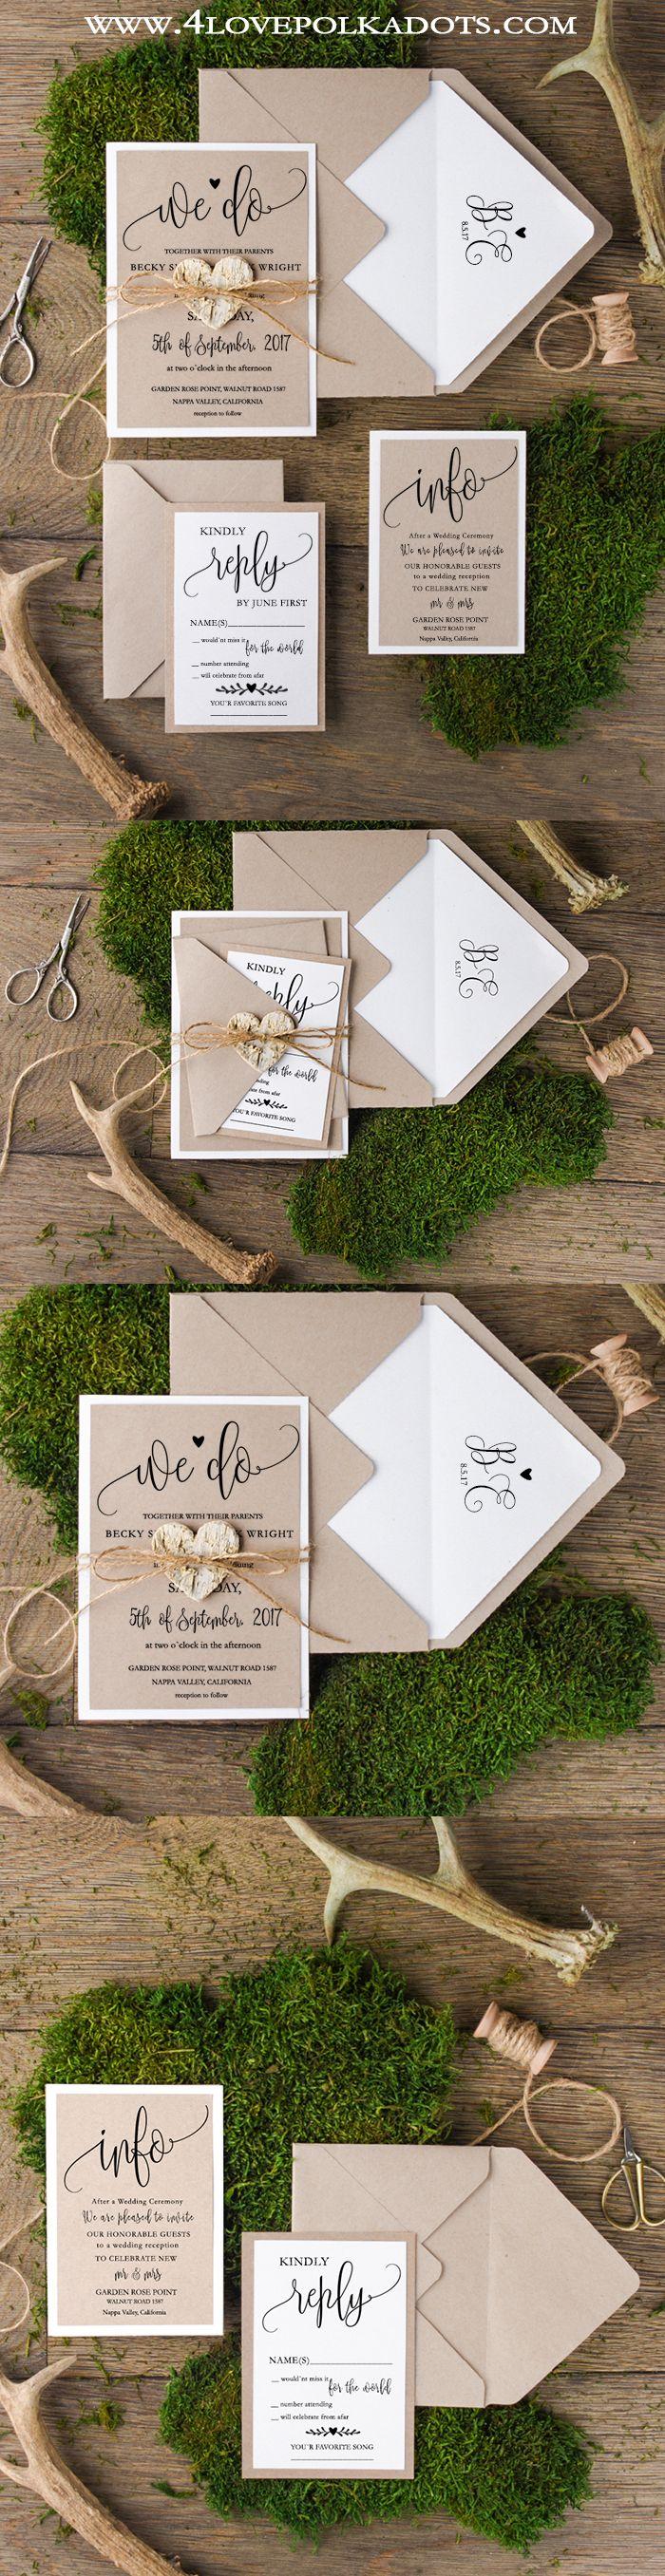 Invitaciones para boda estilo rústico/ Rustic Wedding Invitations #weddingideas #ideasparaboda